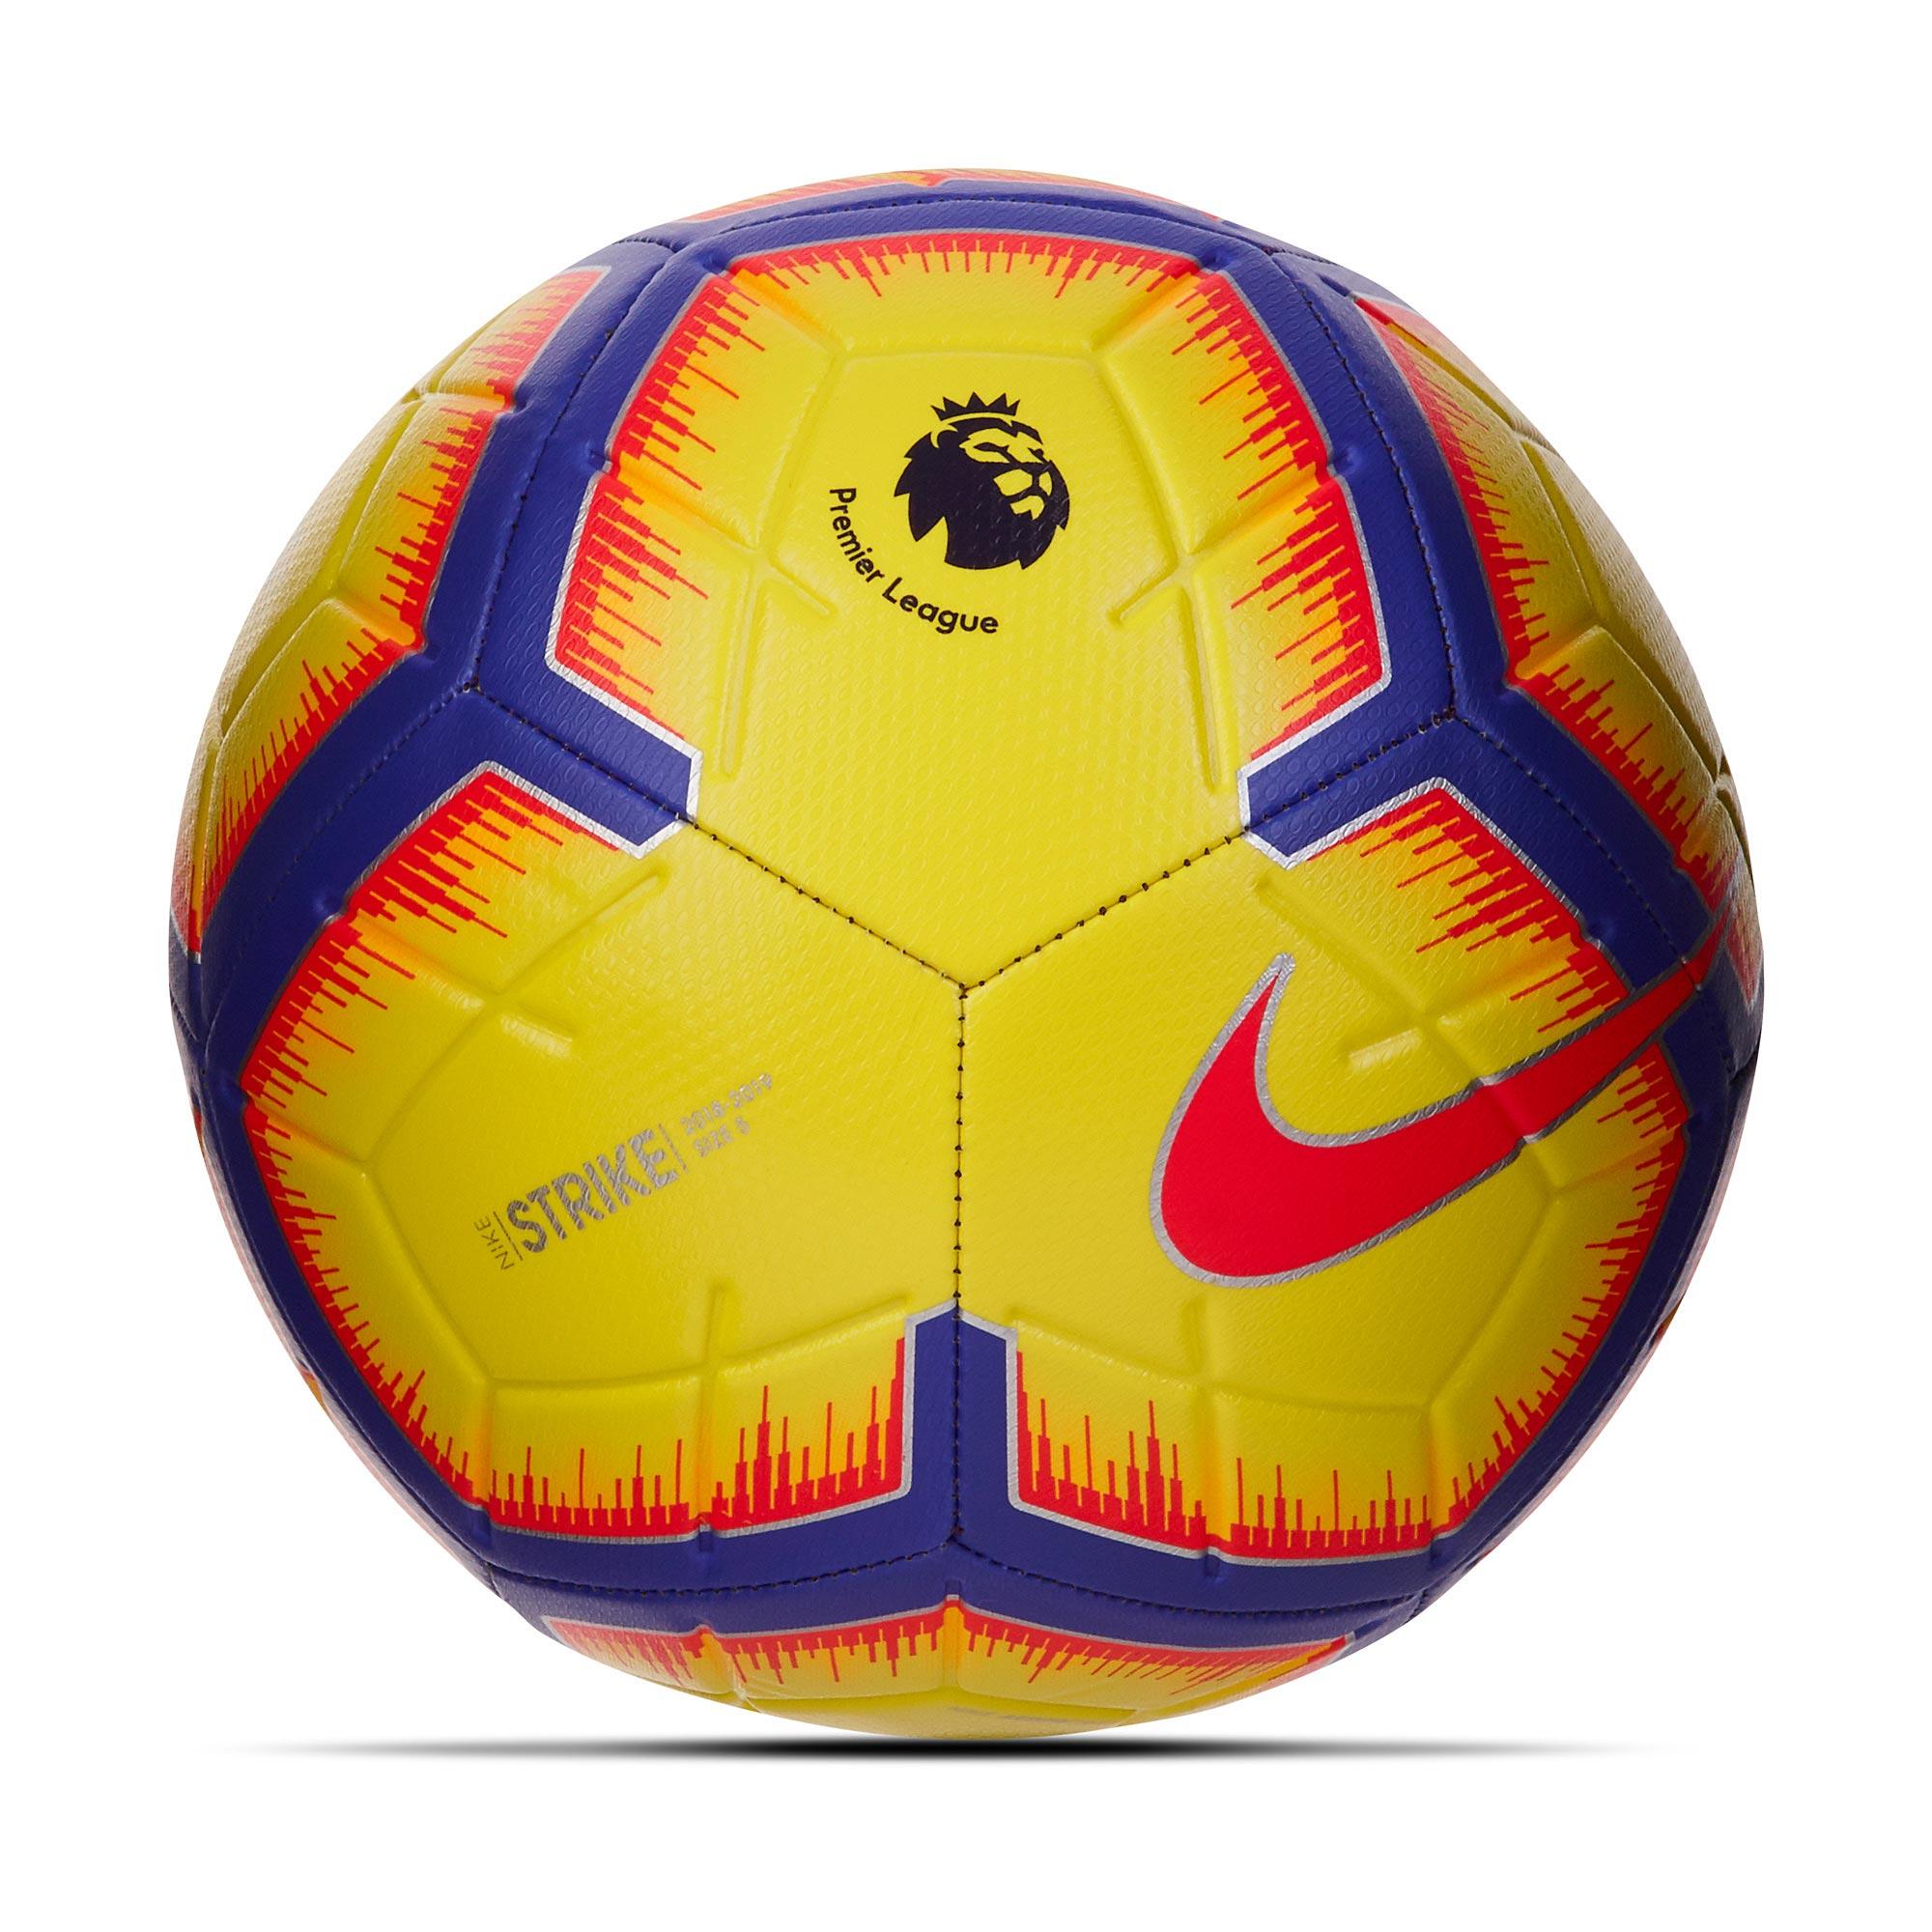 Nike Premier League Strike Football - Yellow - Size 5